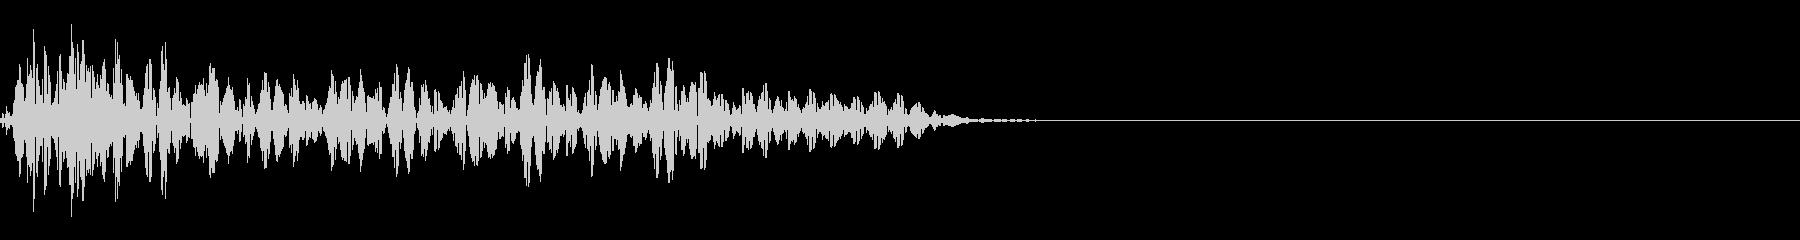 マイナスイメージ_ヴィーンの未再生の波形